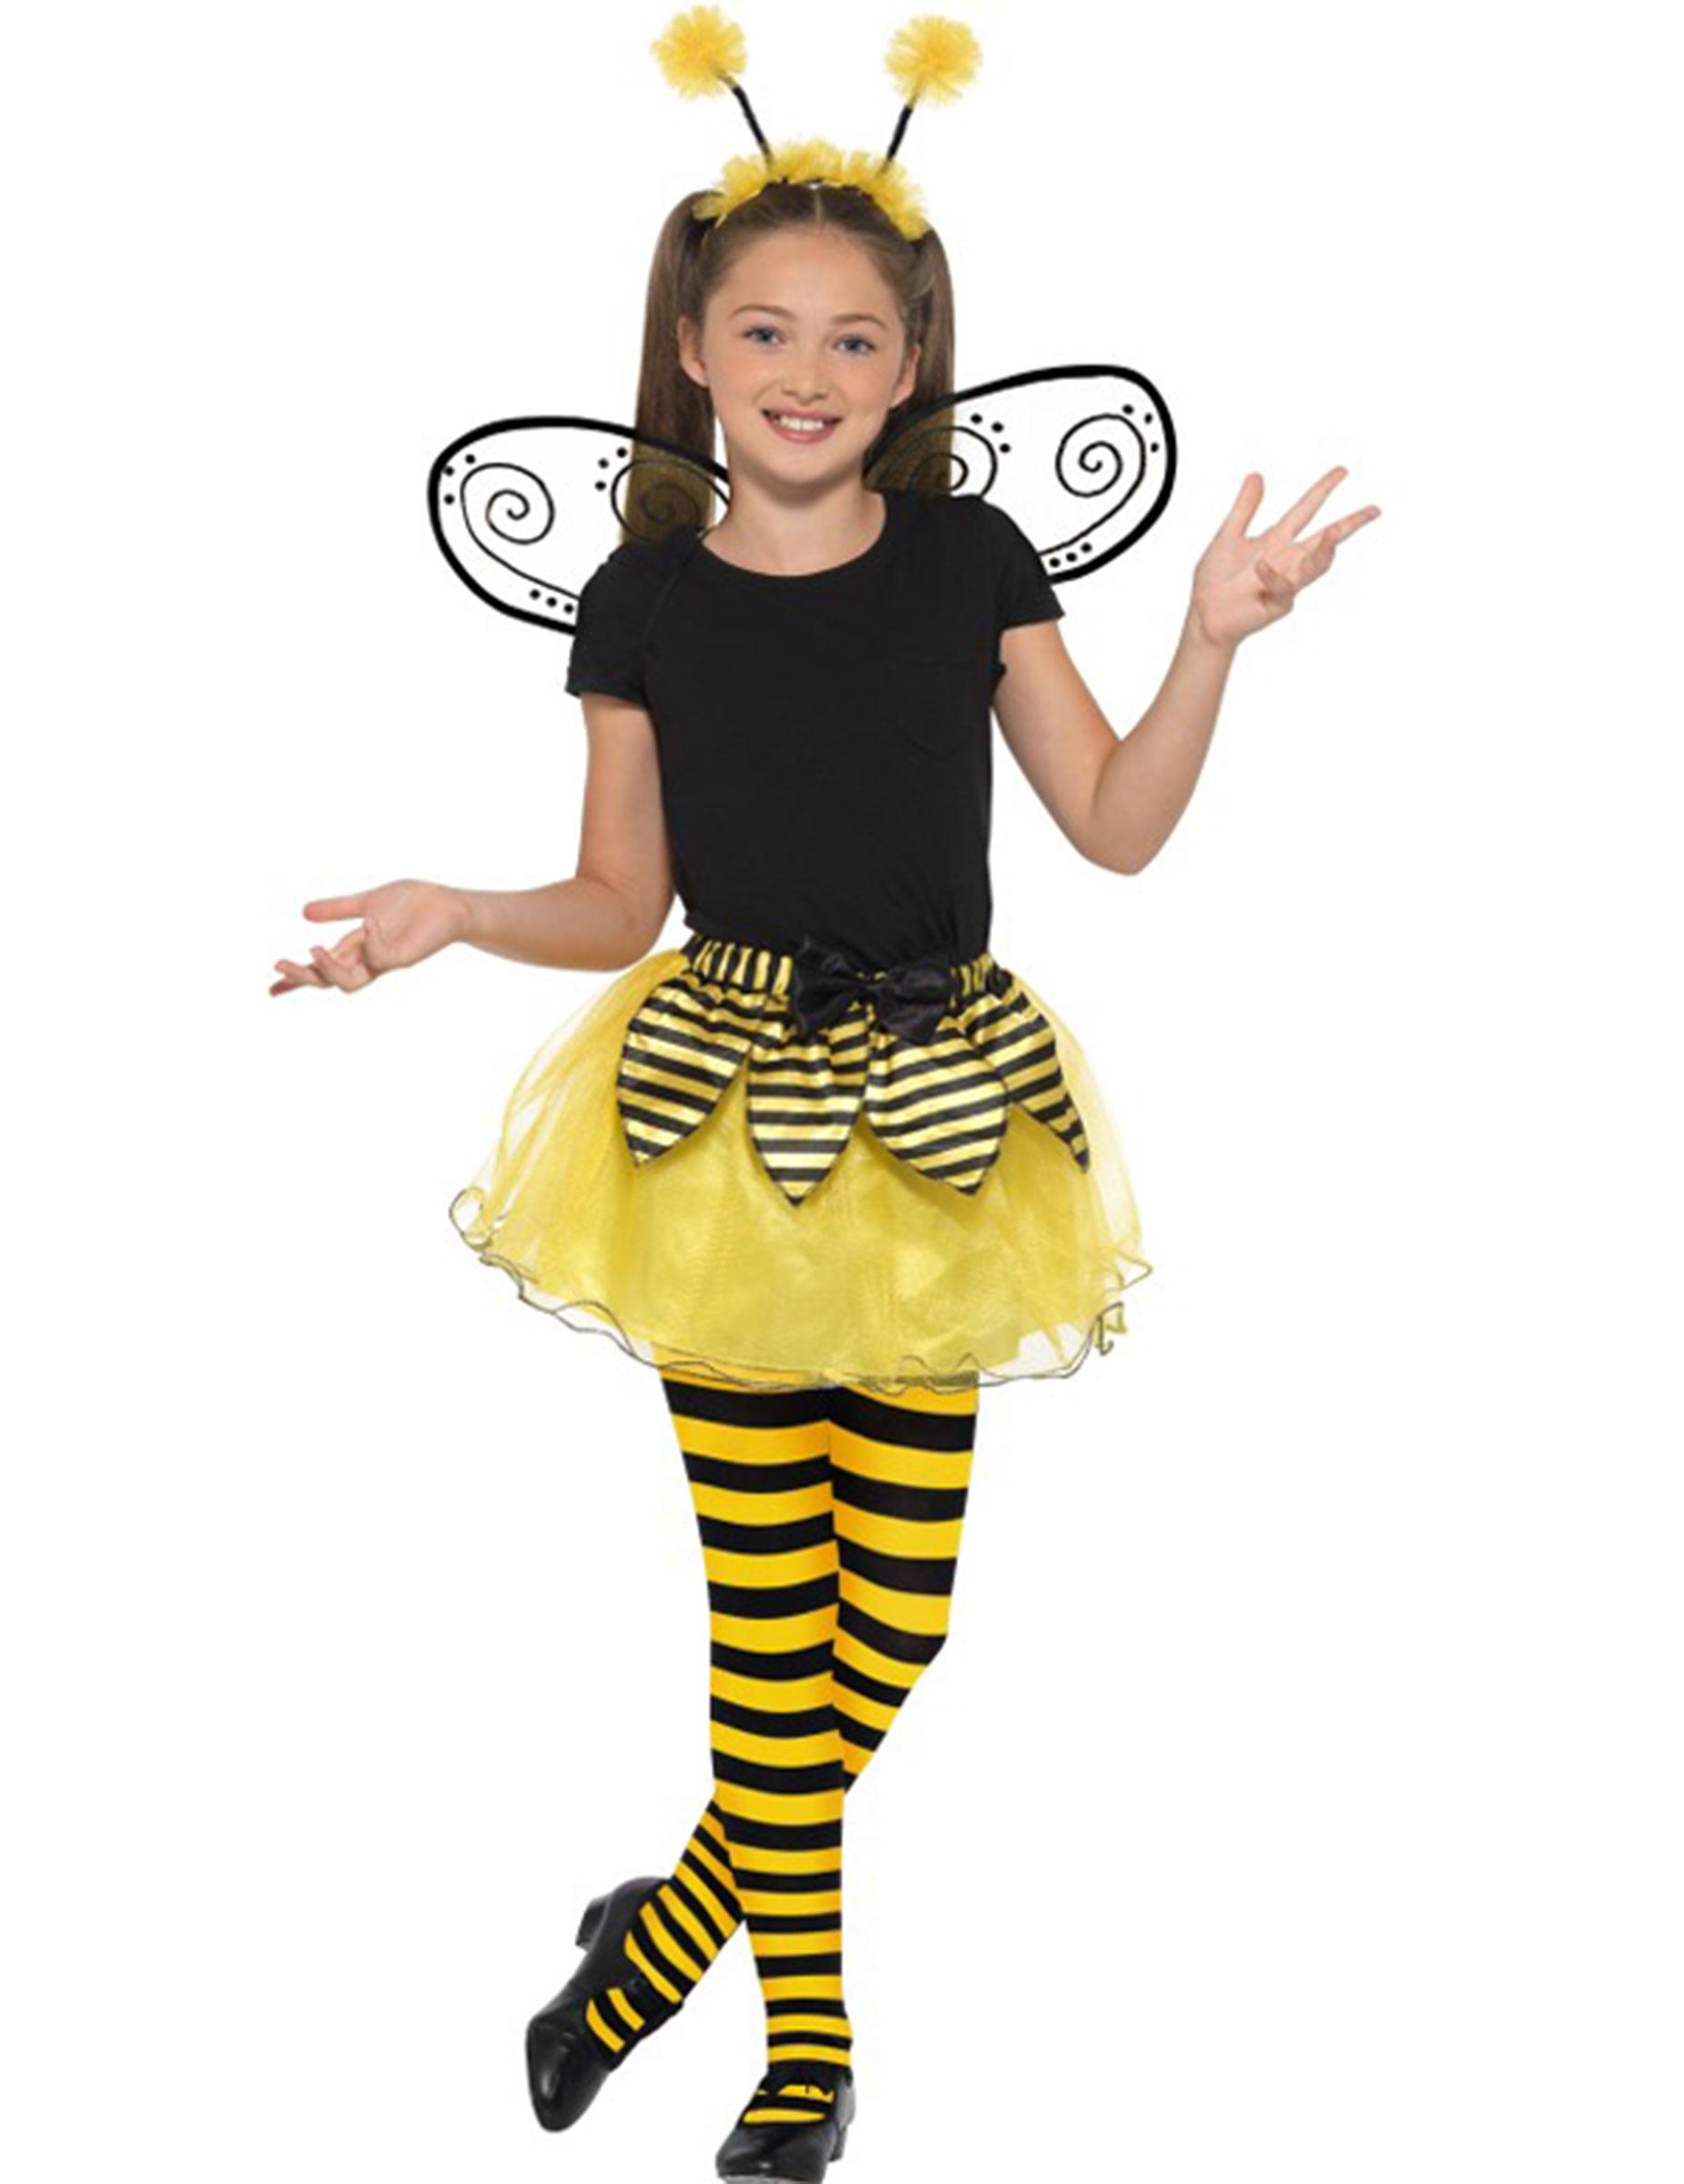 b3bbf381b7f4 Kit accessori da ape per bambina: Costumi bambini,e vestiti di ...